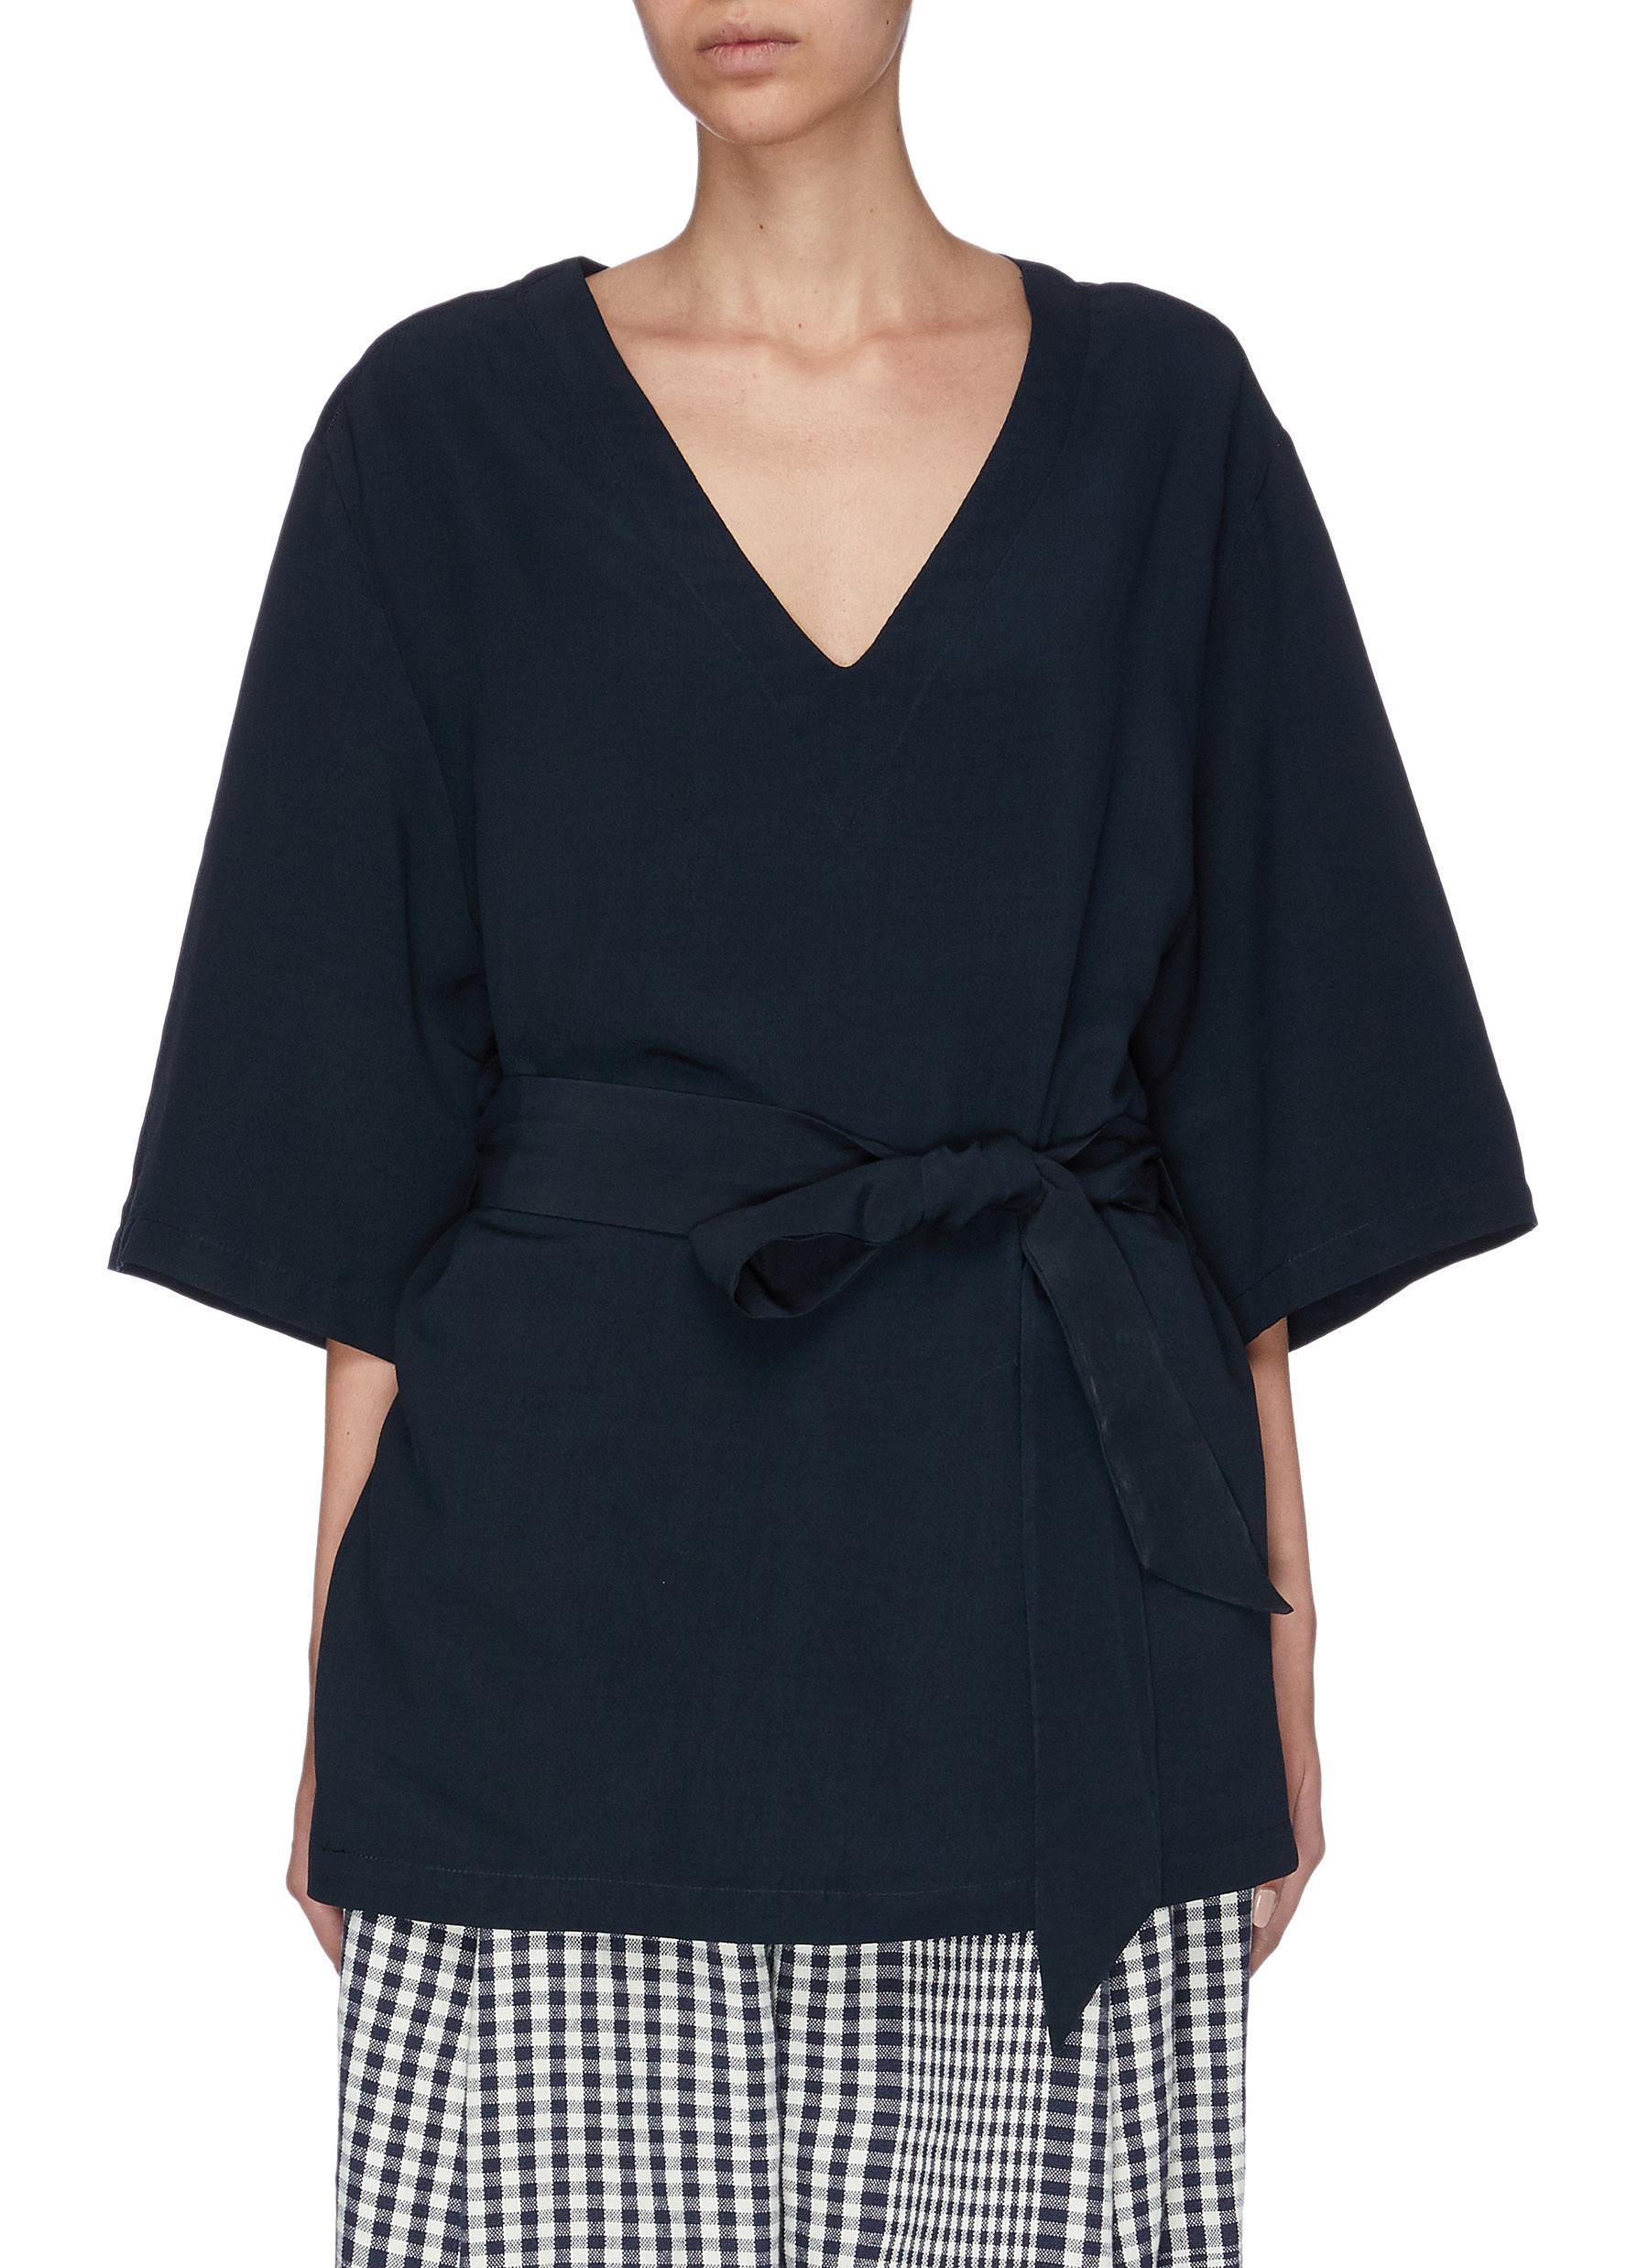 Leonetta sash tie waist V-neck top by Barena